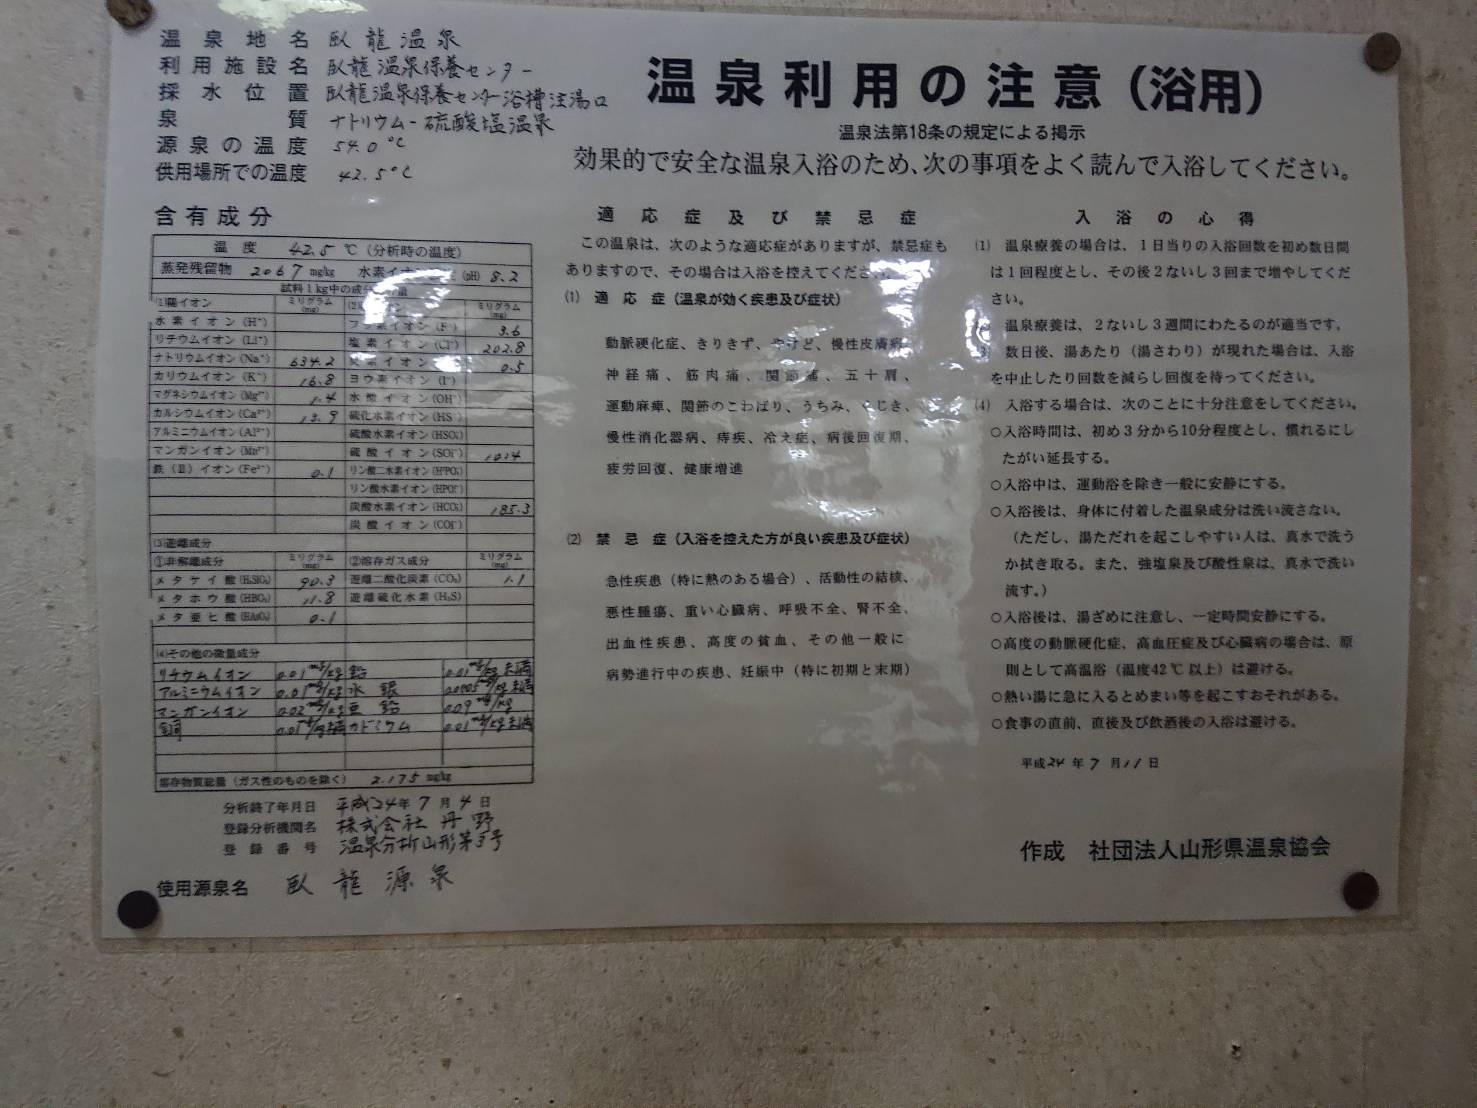 臥龍温泉保養センターの成分